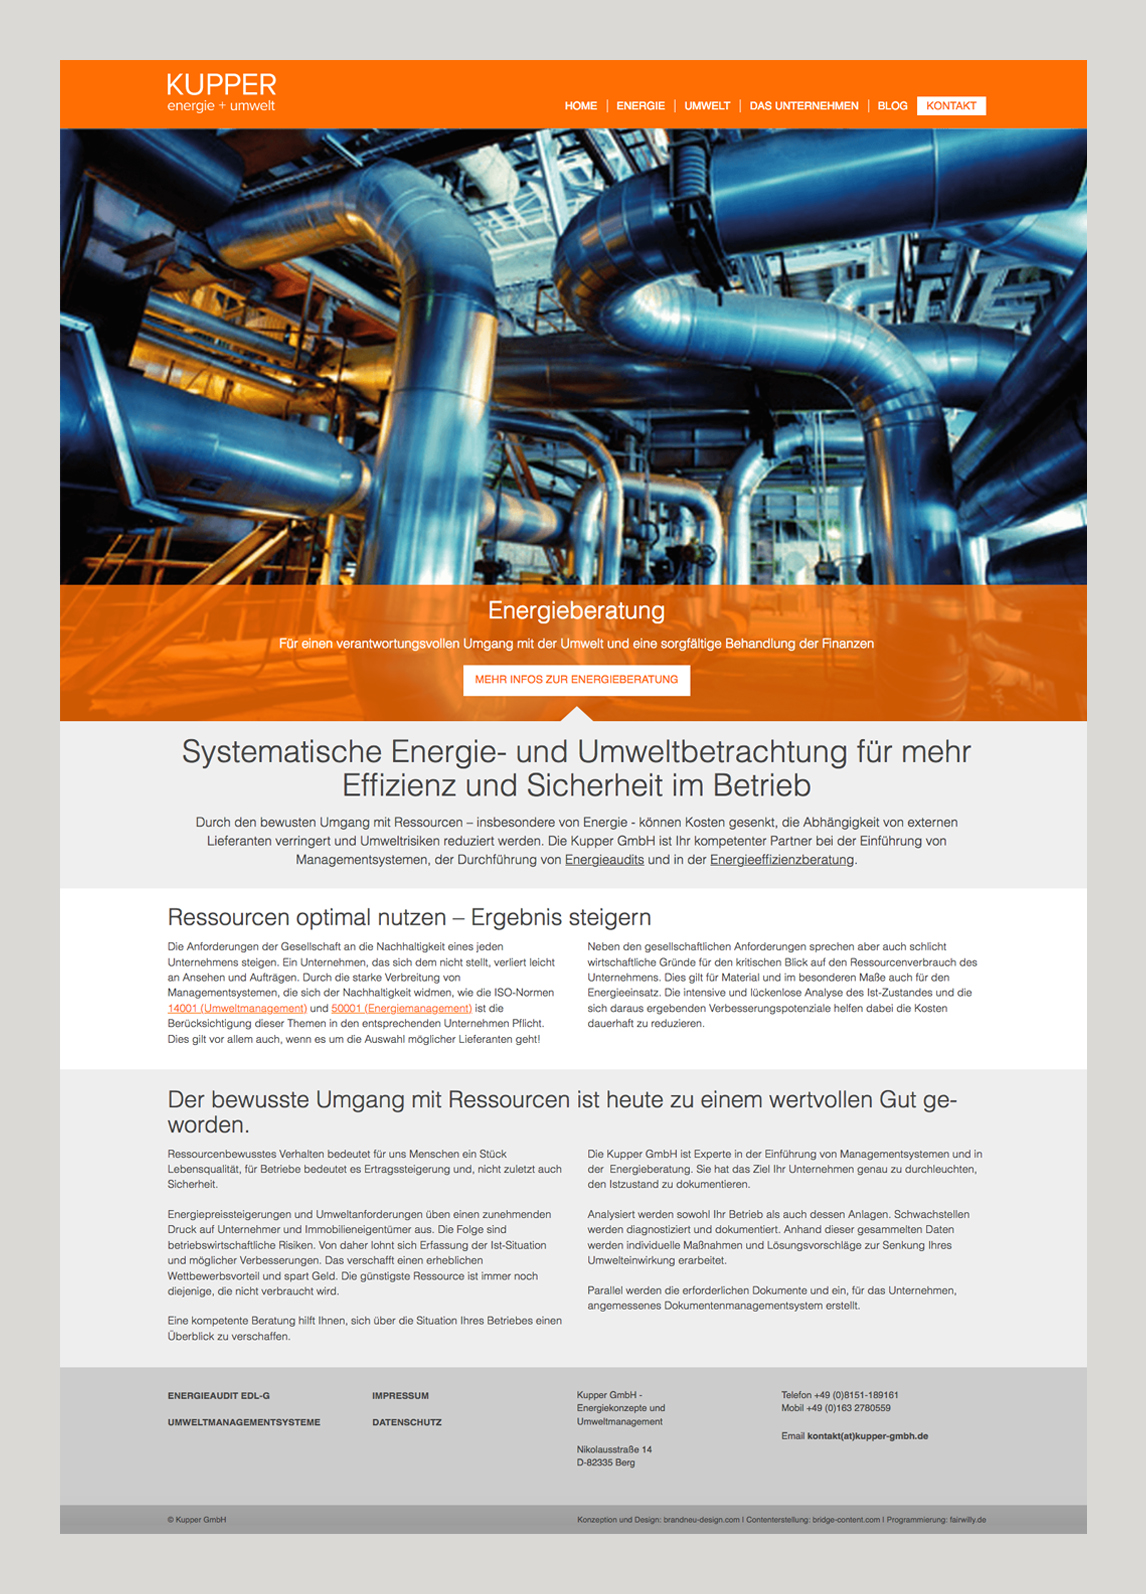 website_design_muenchen_kupper_startseite.jpg